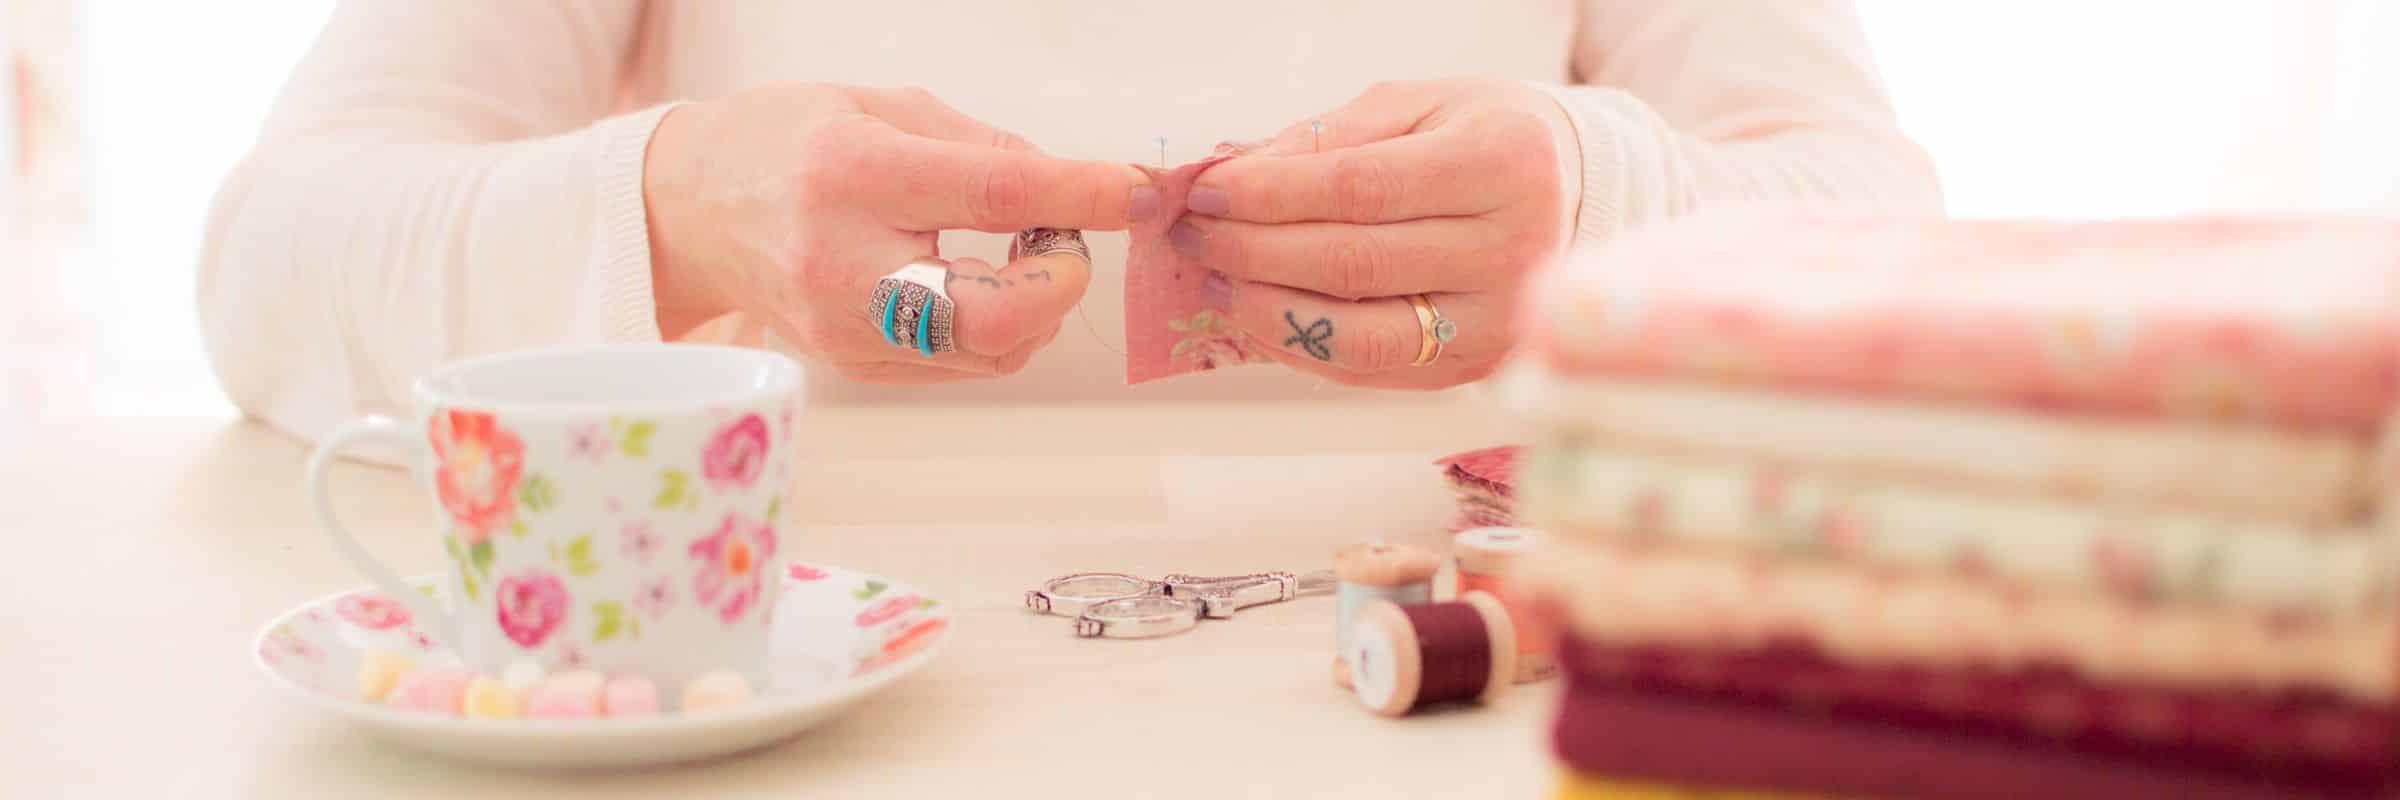 slider-patchwork-multicolor-